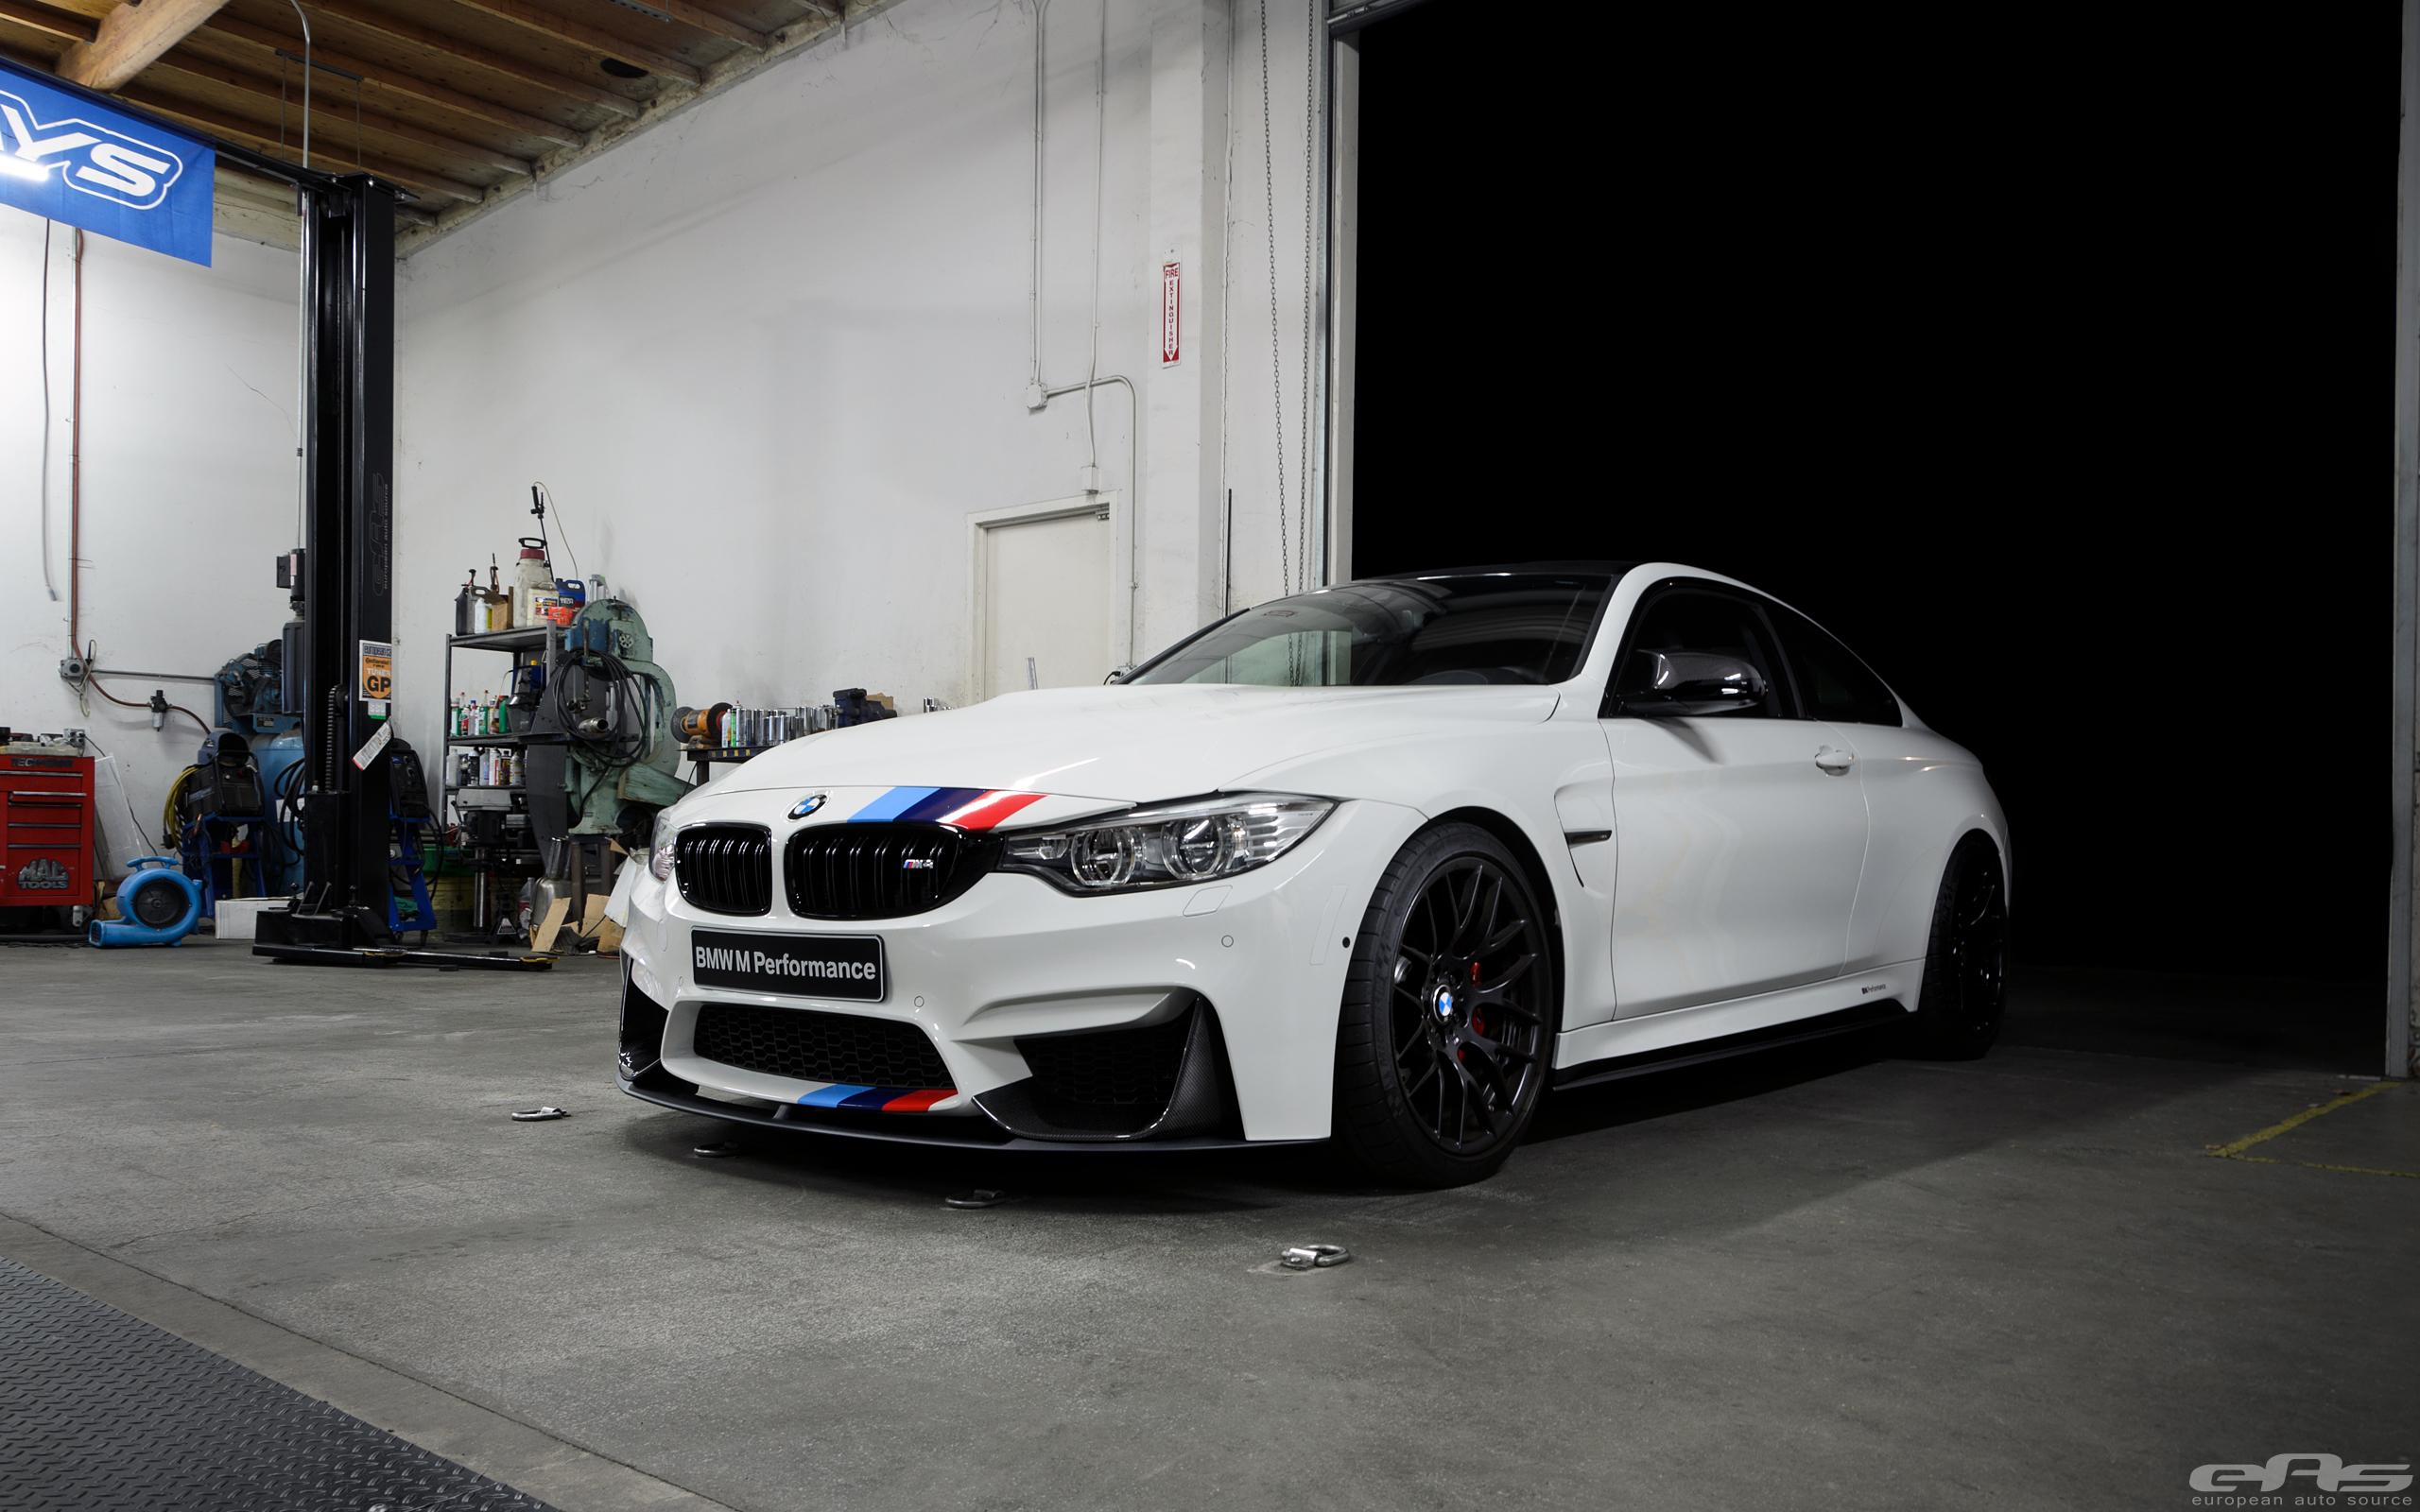 European Auto Parts >> Alpine White BMW M4 Featured in BMW's Stand at SEMA Was ...